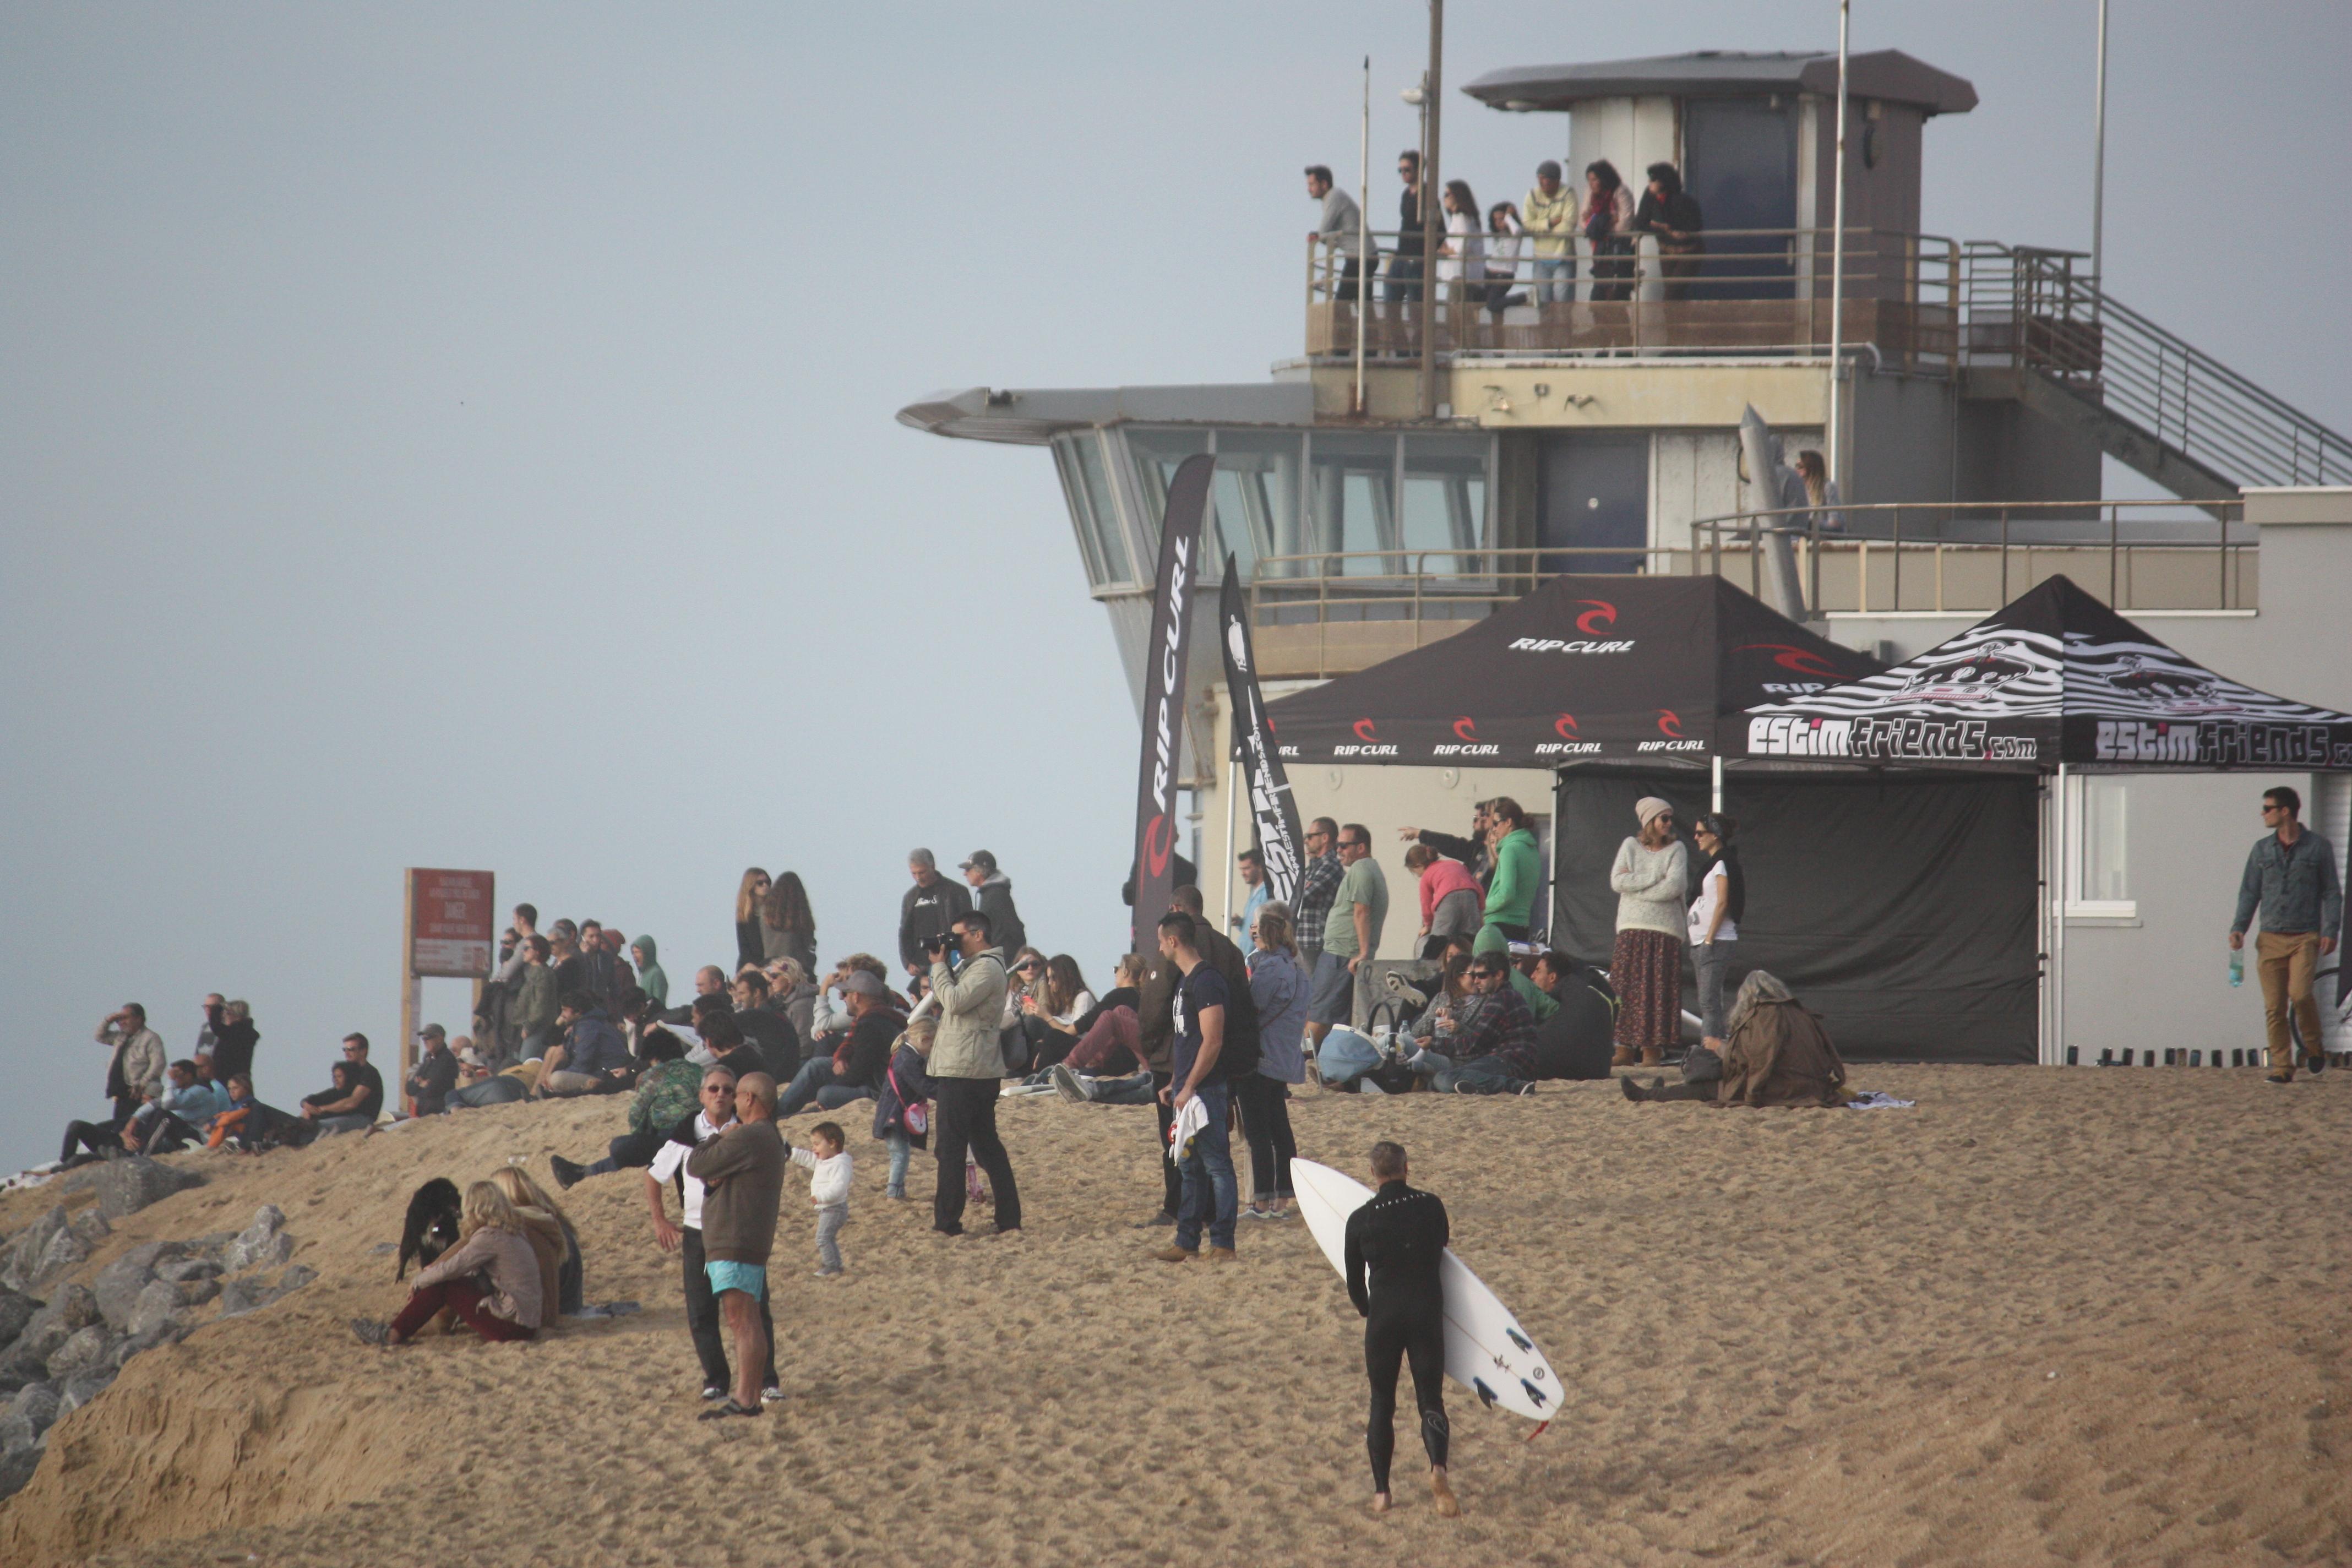 du monde sur la plage, dans les loges, mais aussi dans les gradins :)